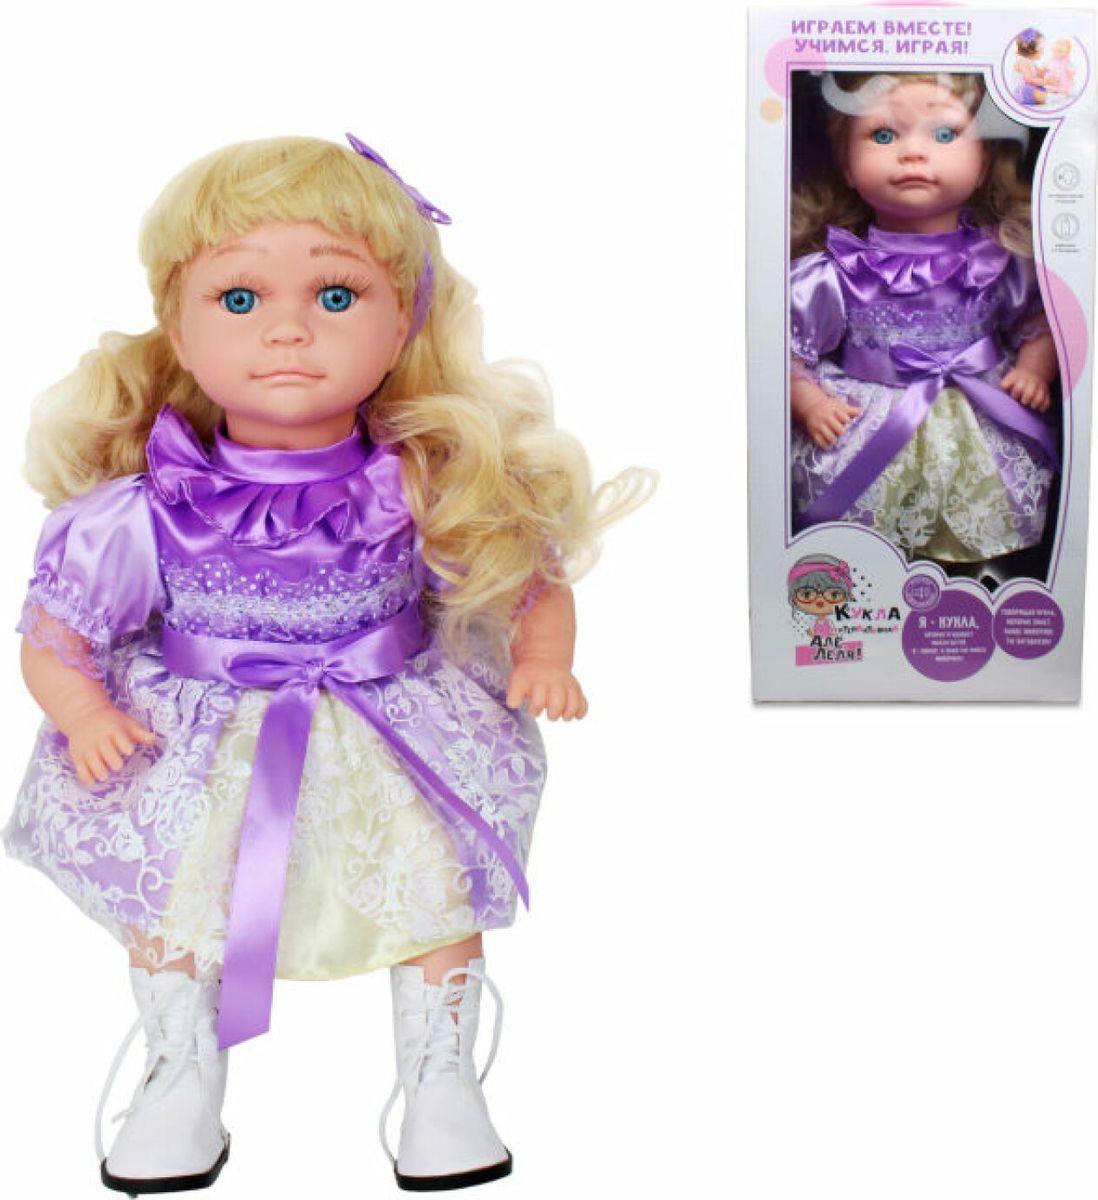 Интерактивная игрушка 1TOY Кукла Але, Леля! блондинка с кудрявыми волосами, Т14355